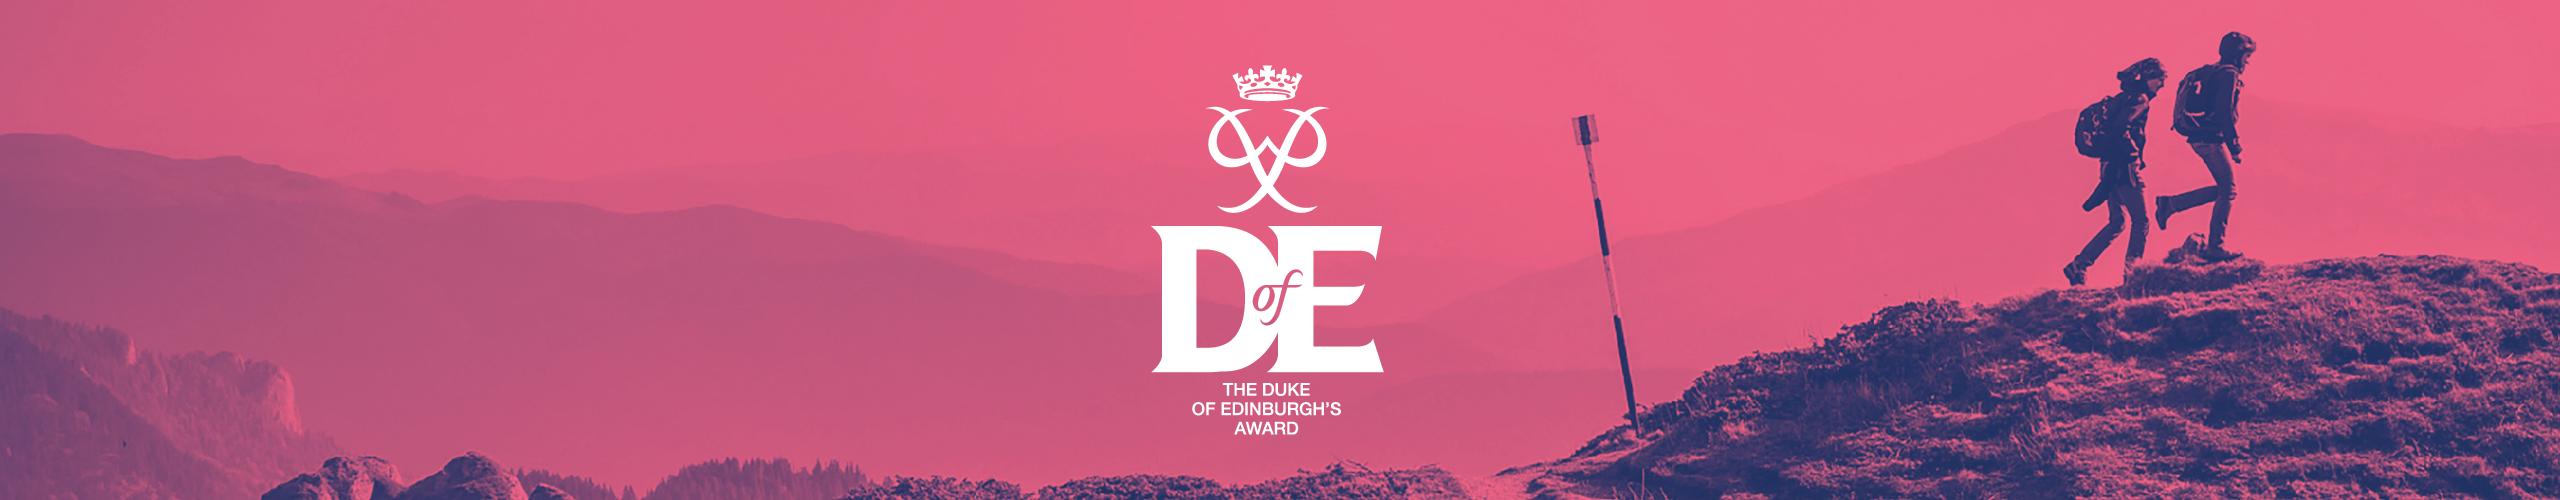 Duke of Edinburgh banner background image